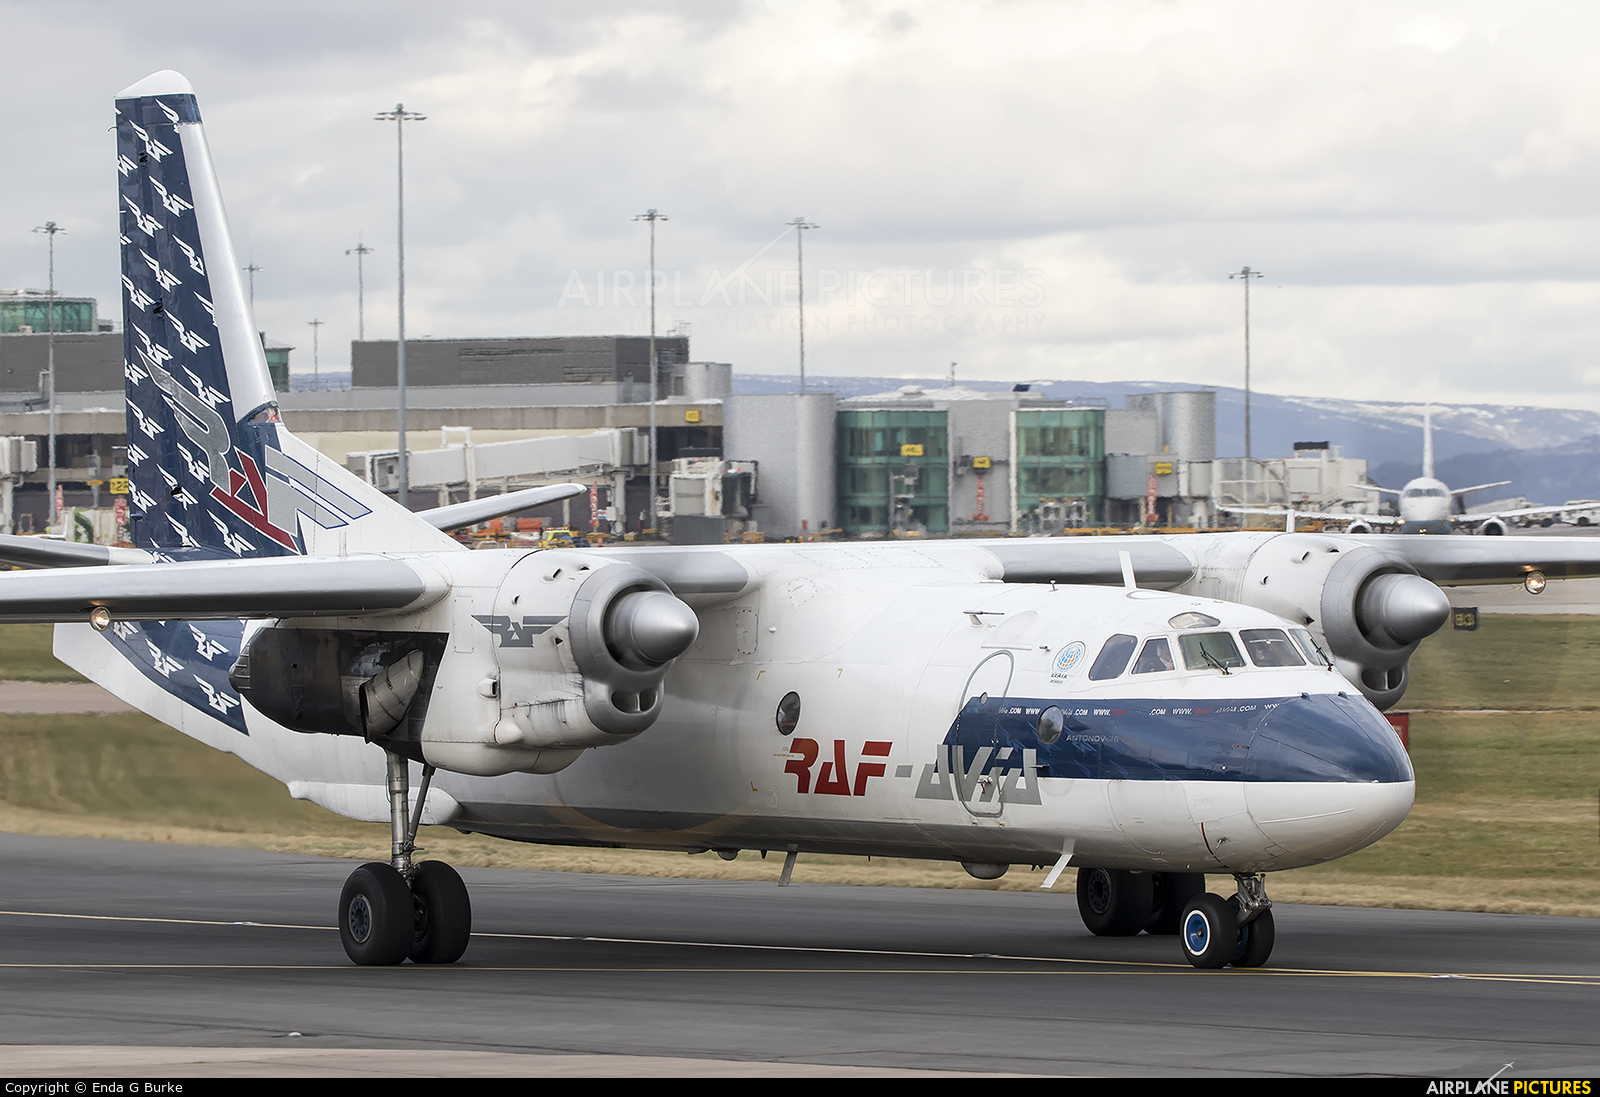 RAF Avia YL-RAD aircraft at Manchester